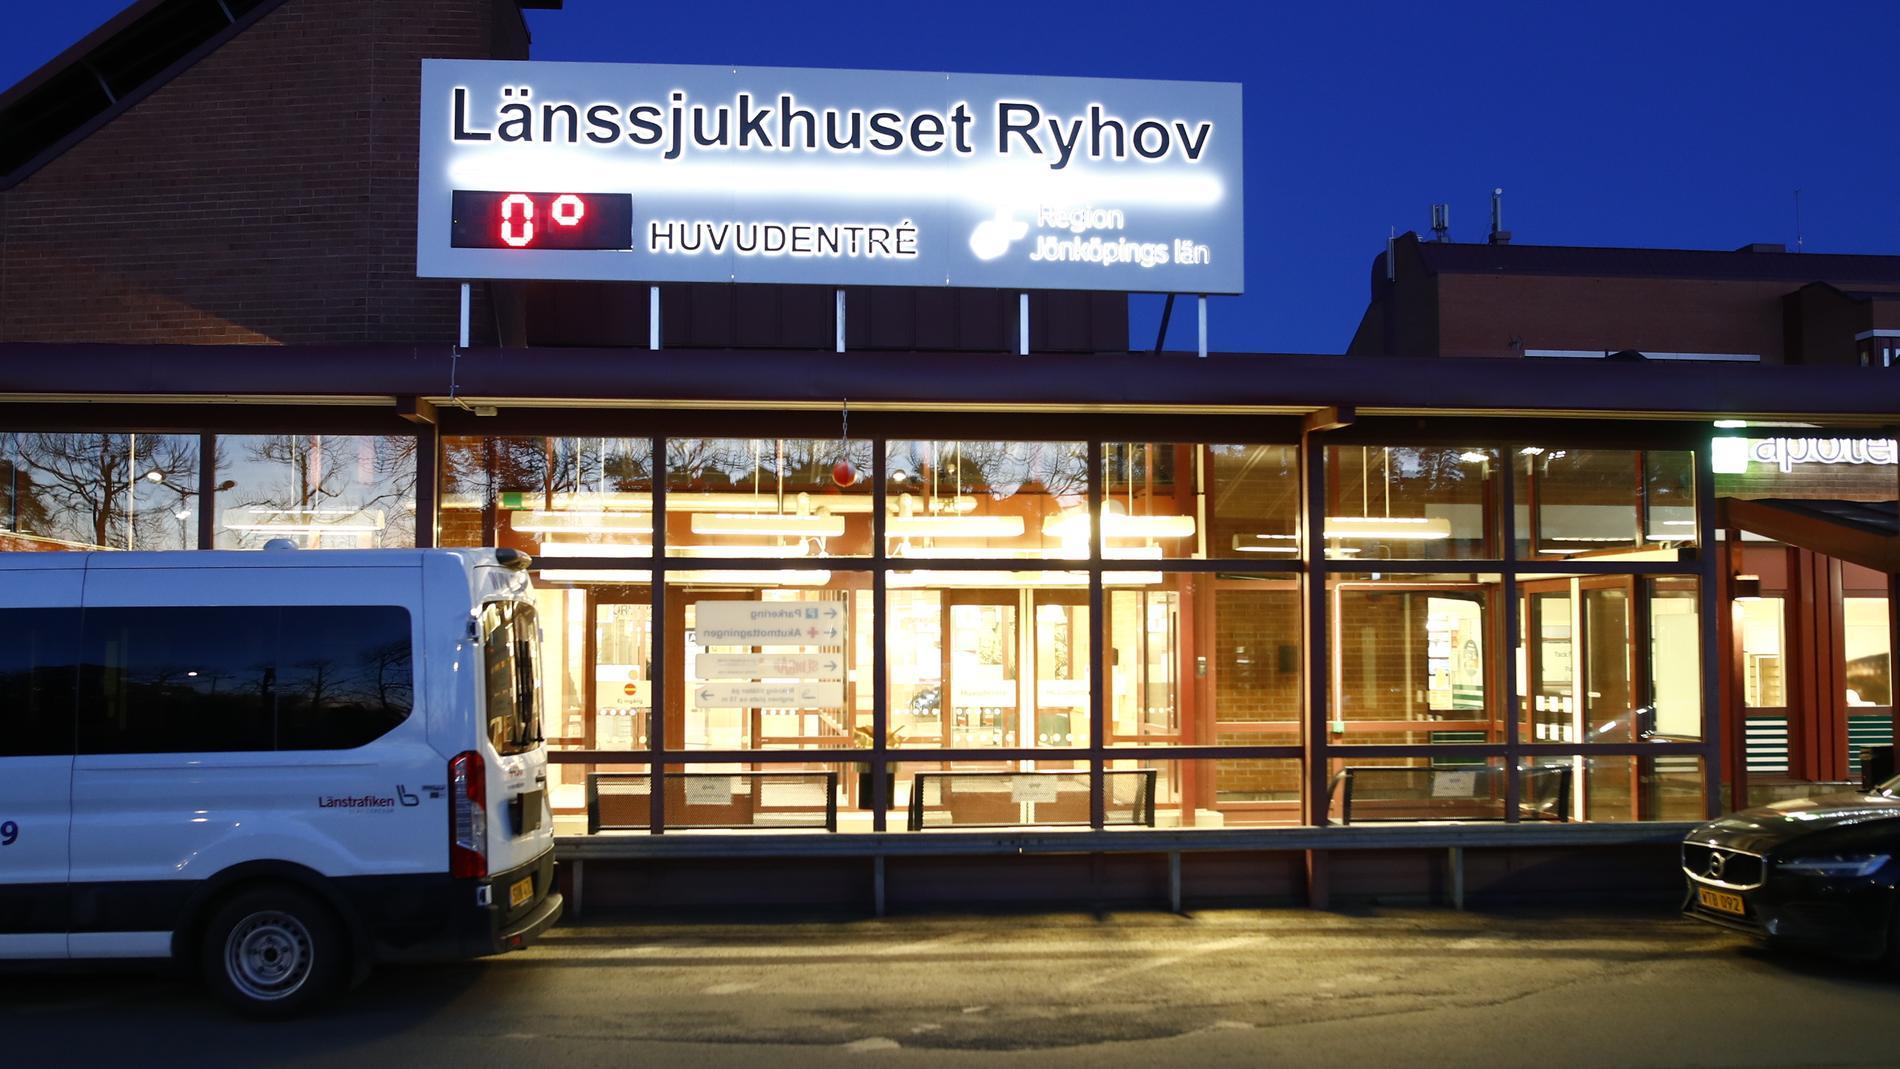 Den skadade mannen fördes till länssjukhuset Ryhov i Jönköping. Arkivbild.